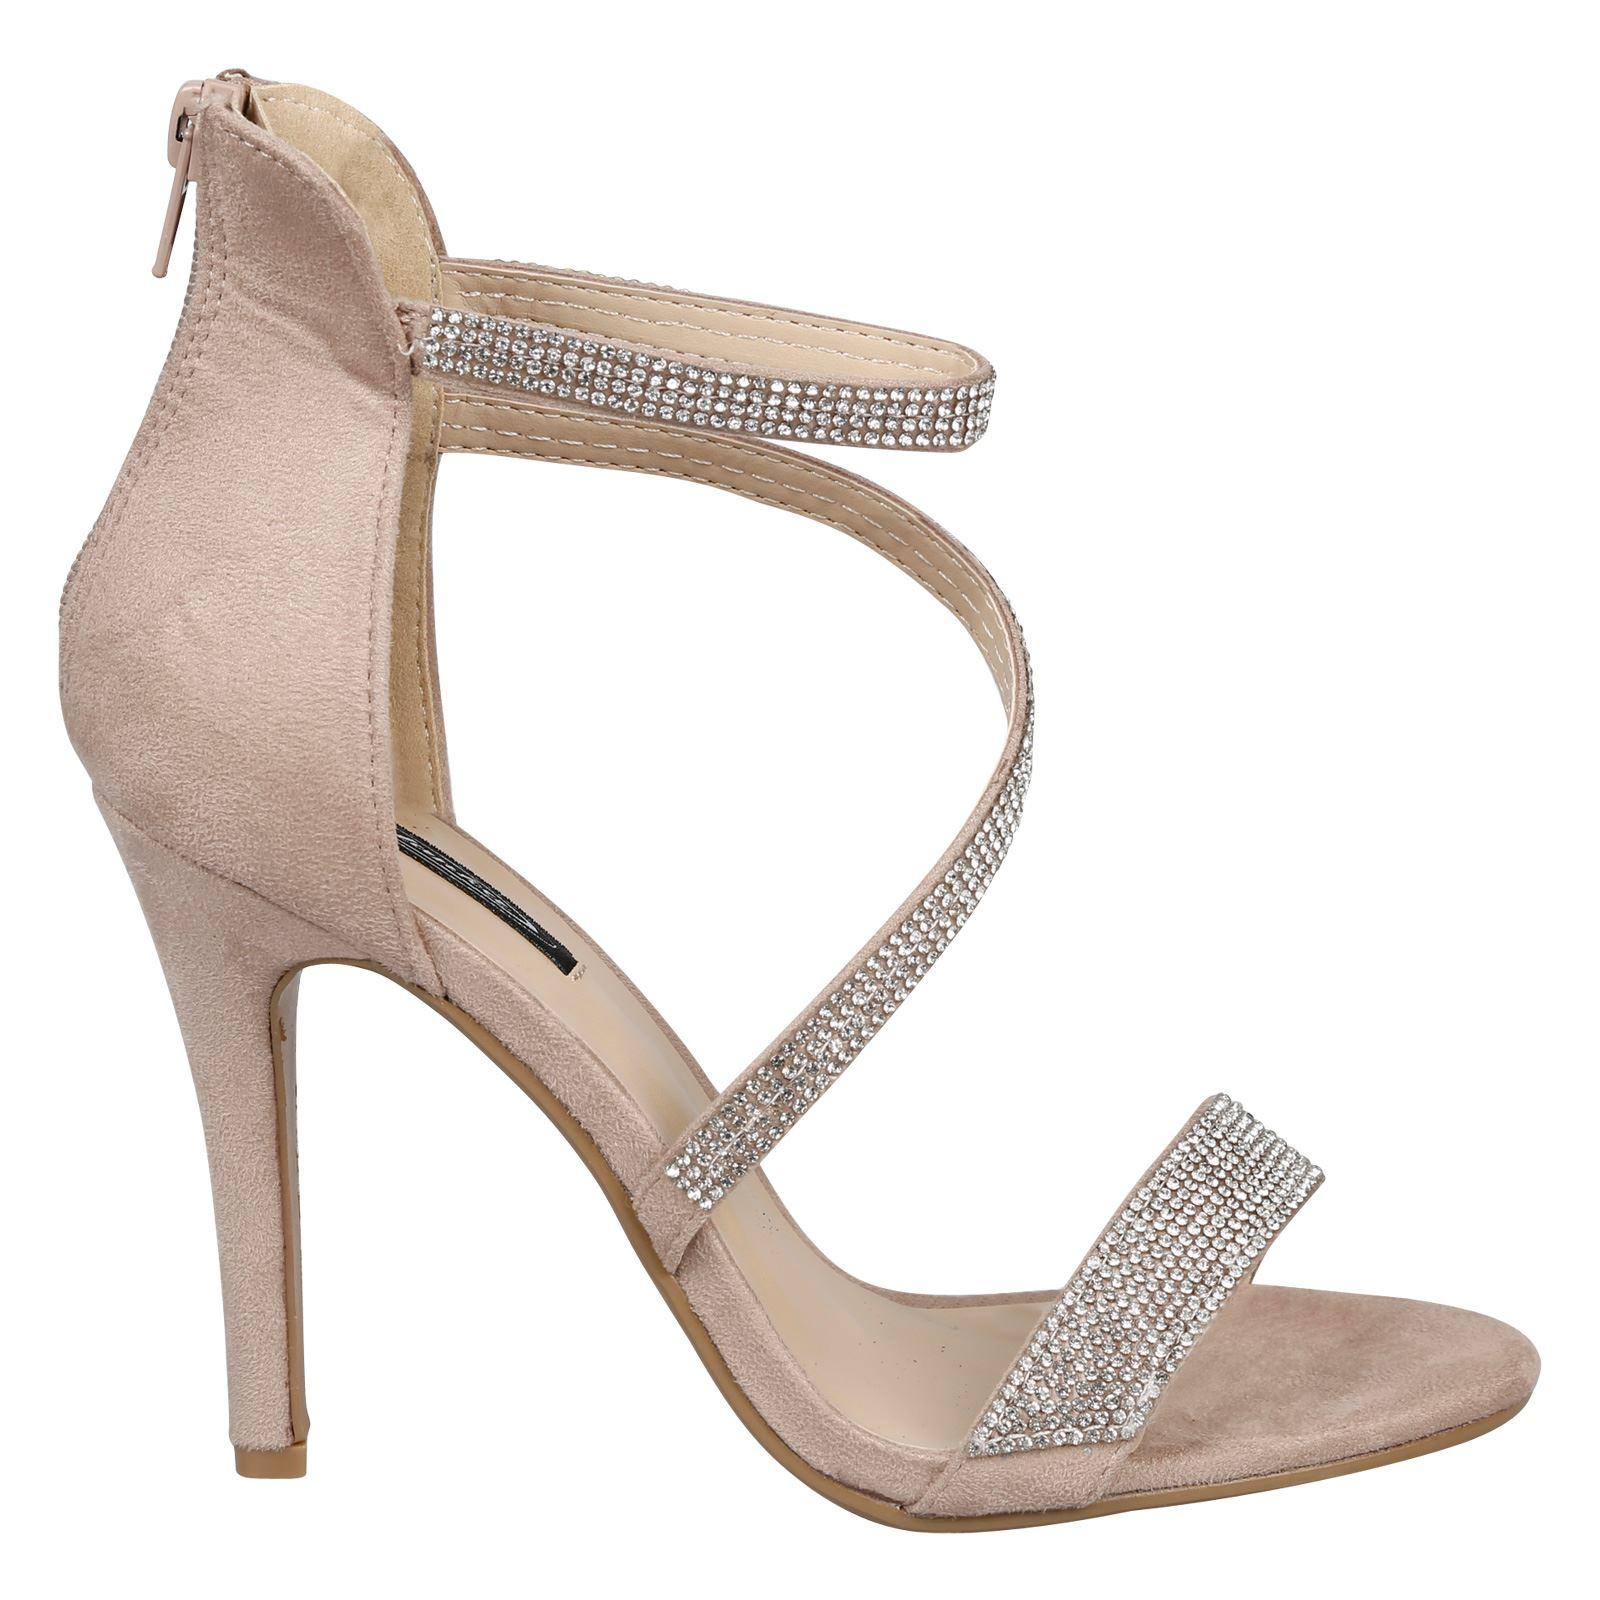 Chaussures Mode Sandales Hilda De Été La Bretelles La Femmes De Talon À Cheville Diamante Fête WE2YIDH9e